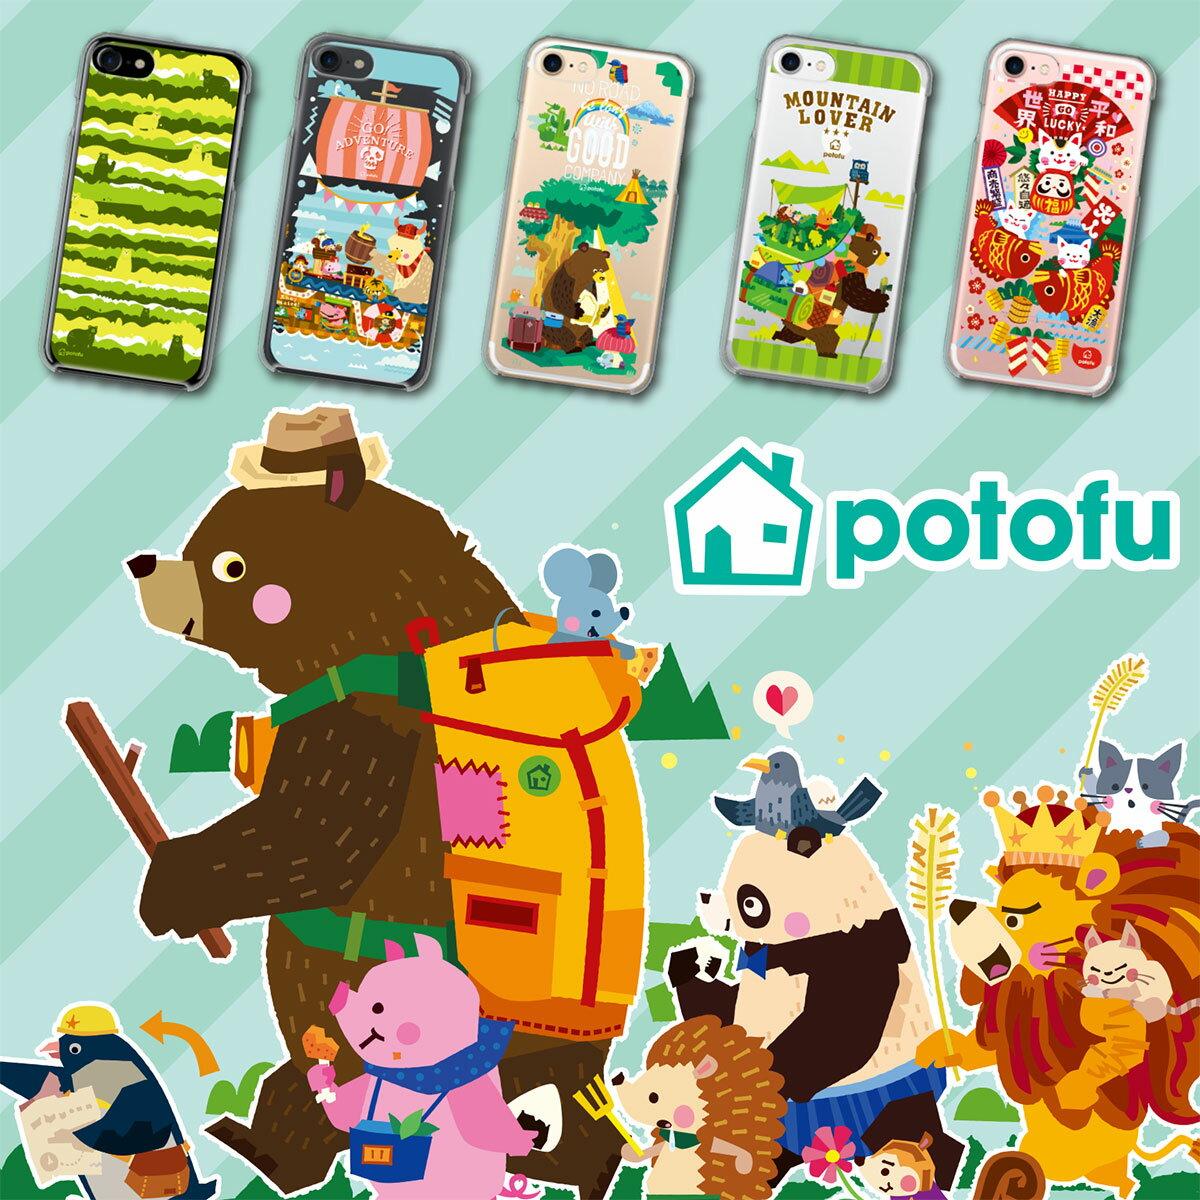 スマホケース 全機種対応 ケース カバー ハードケース クリアケース iPhoneXS Max iPhoneXR iPhoneX iPhone8 Plus iPhone7 iPhone6s iPhone SE 5s Xperia XZ3 XZ2 XZ1 XZ XZs SO-01L SO-05K SO-03K aquos R2 R SH-03K galaxy S9 S8 クマ potofu 80-zen-ca001